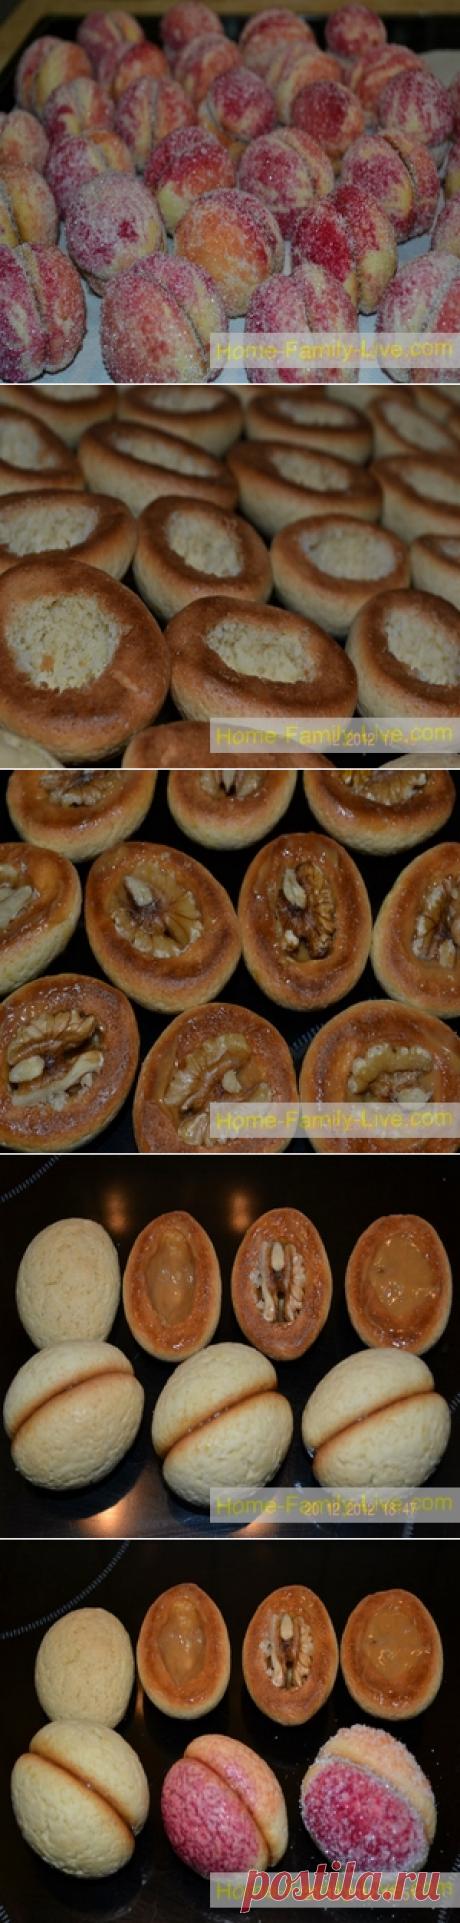 Пирожное Персики - пошаговый фоторецепт - десертКулинарные рецепты